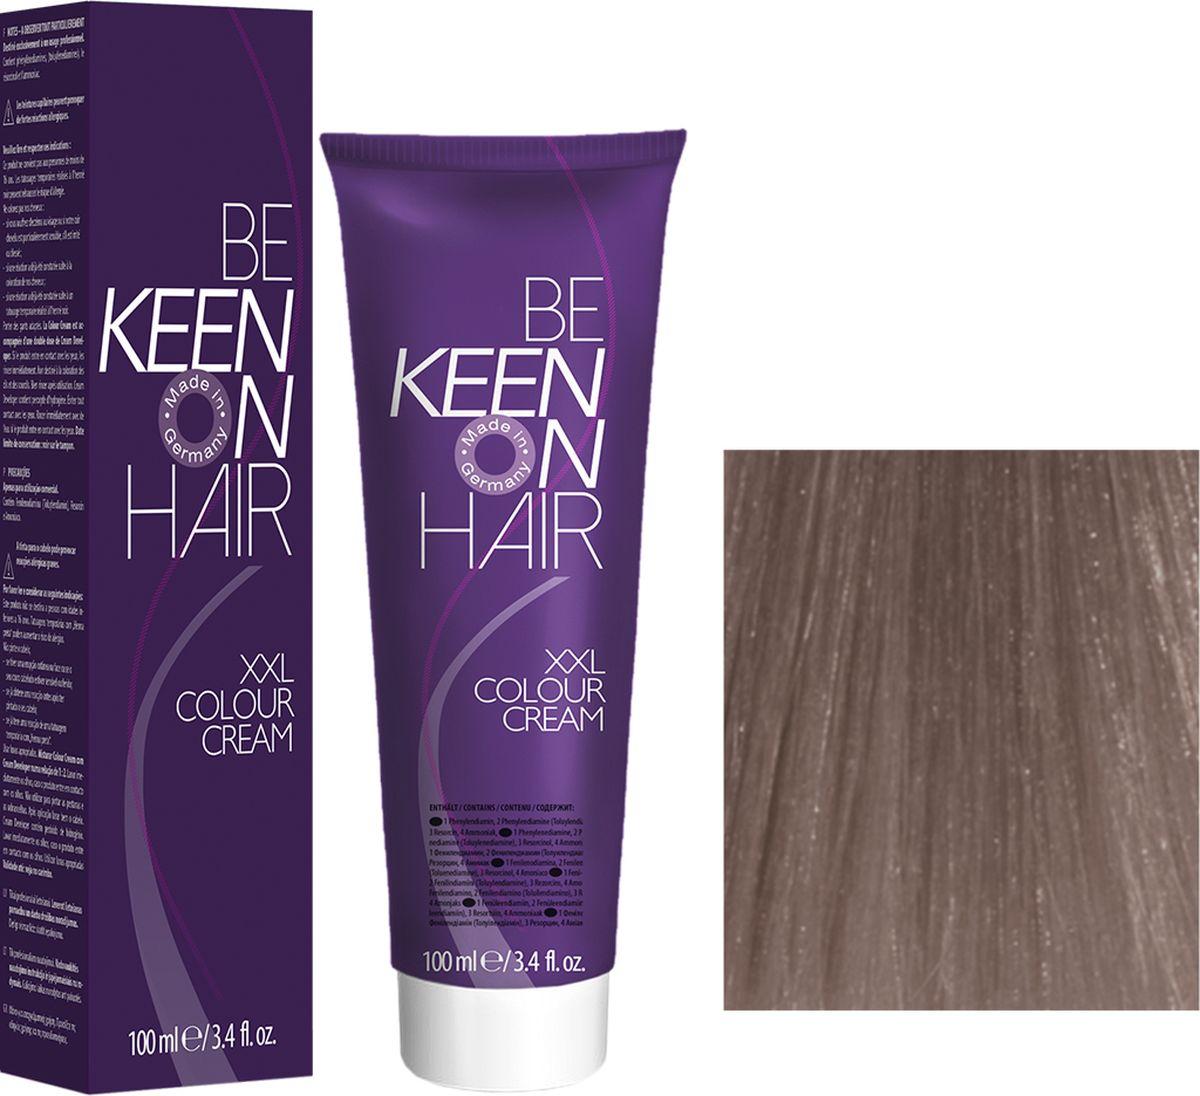 Keen Краска для волос 9.61 Светлый фиолетово-пепельный блондин Hellblond Violett-Asch, 100 мл69100091Модные оттенкиБолее 100 оттенков для креативной комбинации цветов.ЭкономичностьПри использовании тюбика 100 мл вы получаете оптимальное соотношение цены и качества!УходМолочный белок поддерживает структуру волоса во время окрашивания и придает волосам блеск и шелковистость. Протеины хорошо встраиваются в волосы и снабжают их влагой.